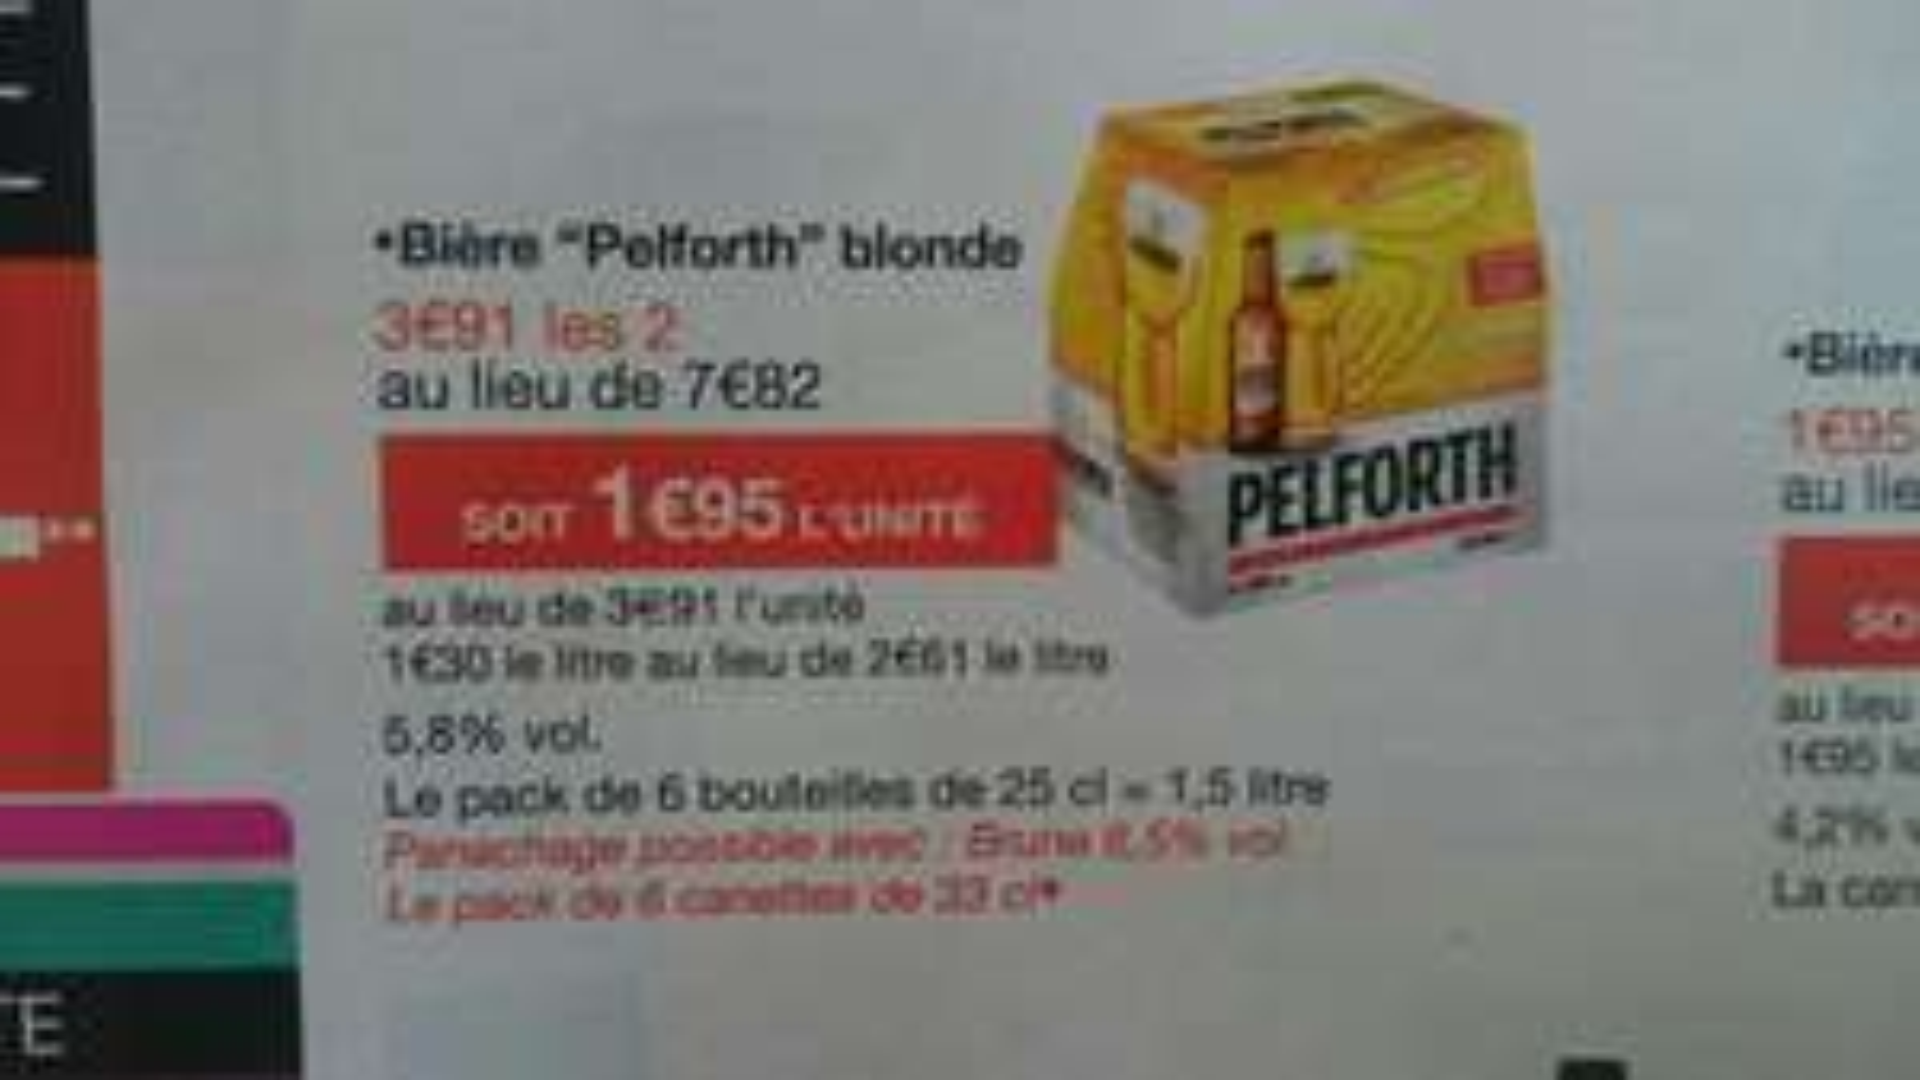 Lot de 4 packs de 6 Bières Pelforth blondes  25 cl (via Shopmium) gratuits